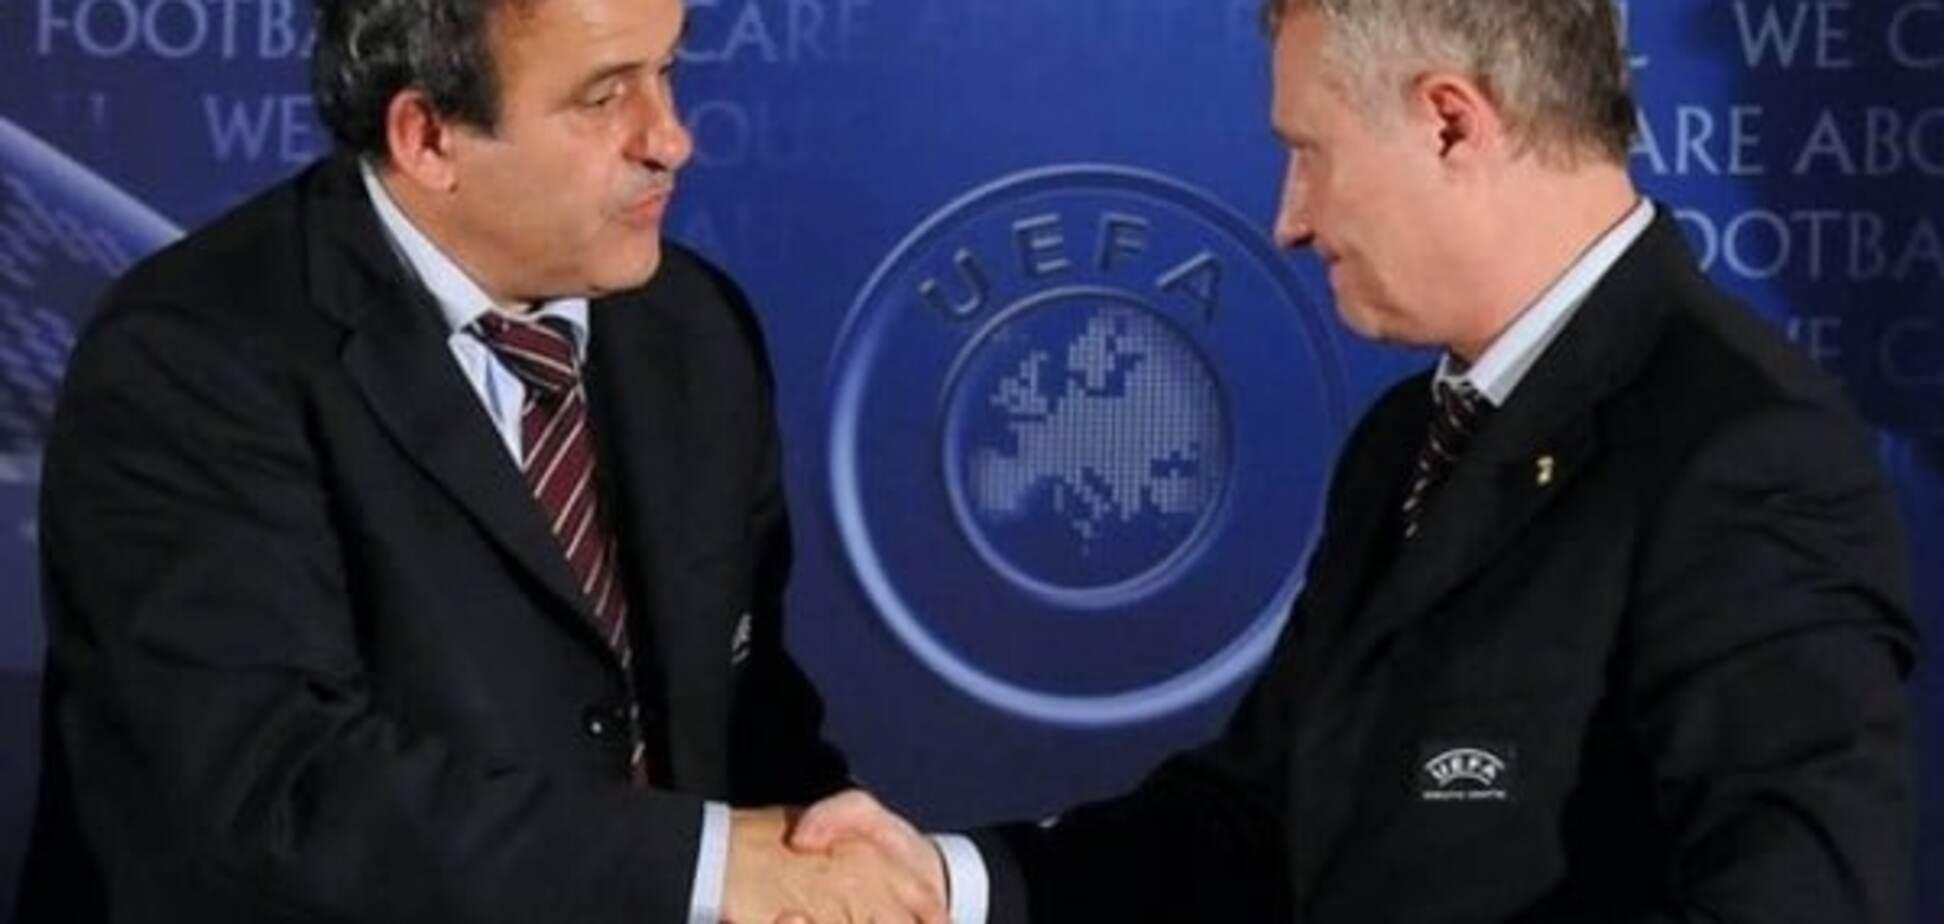 Змова й інтриги: Суркіс пояснив відставку Платіні з поста президента УЄФА